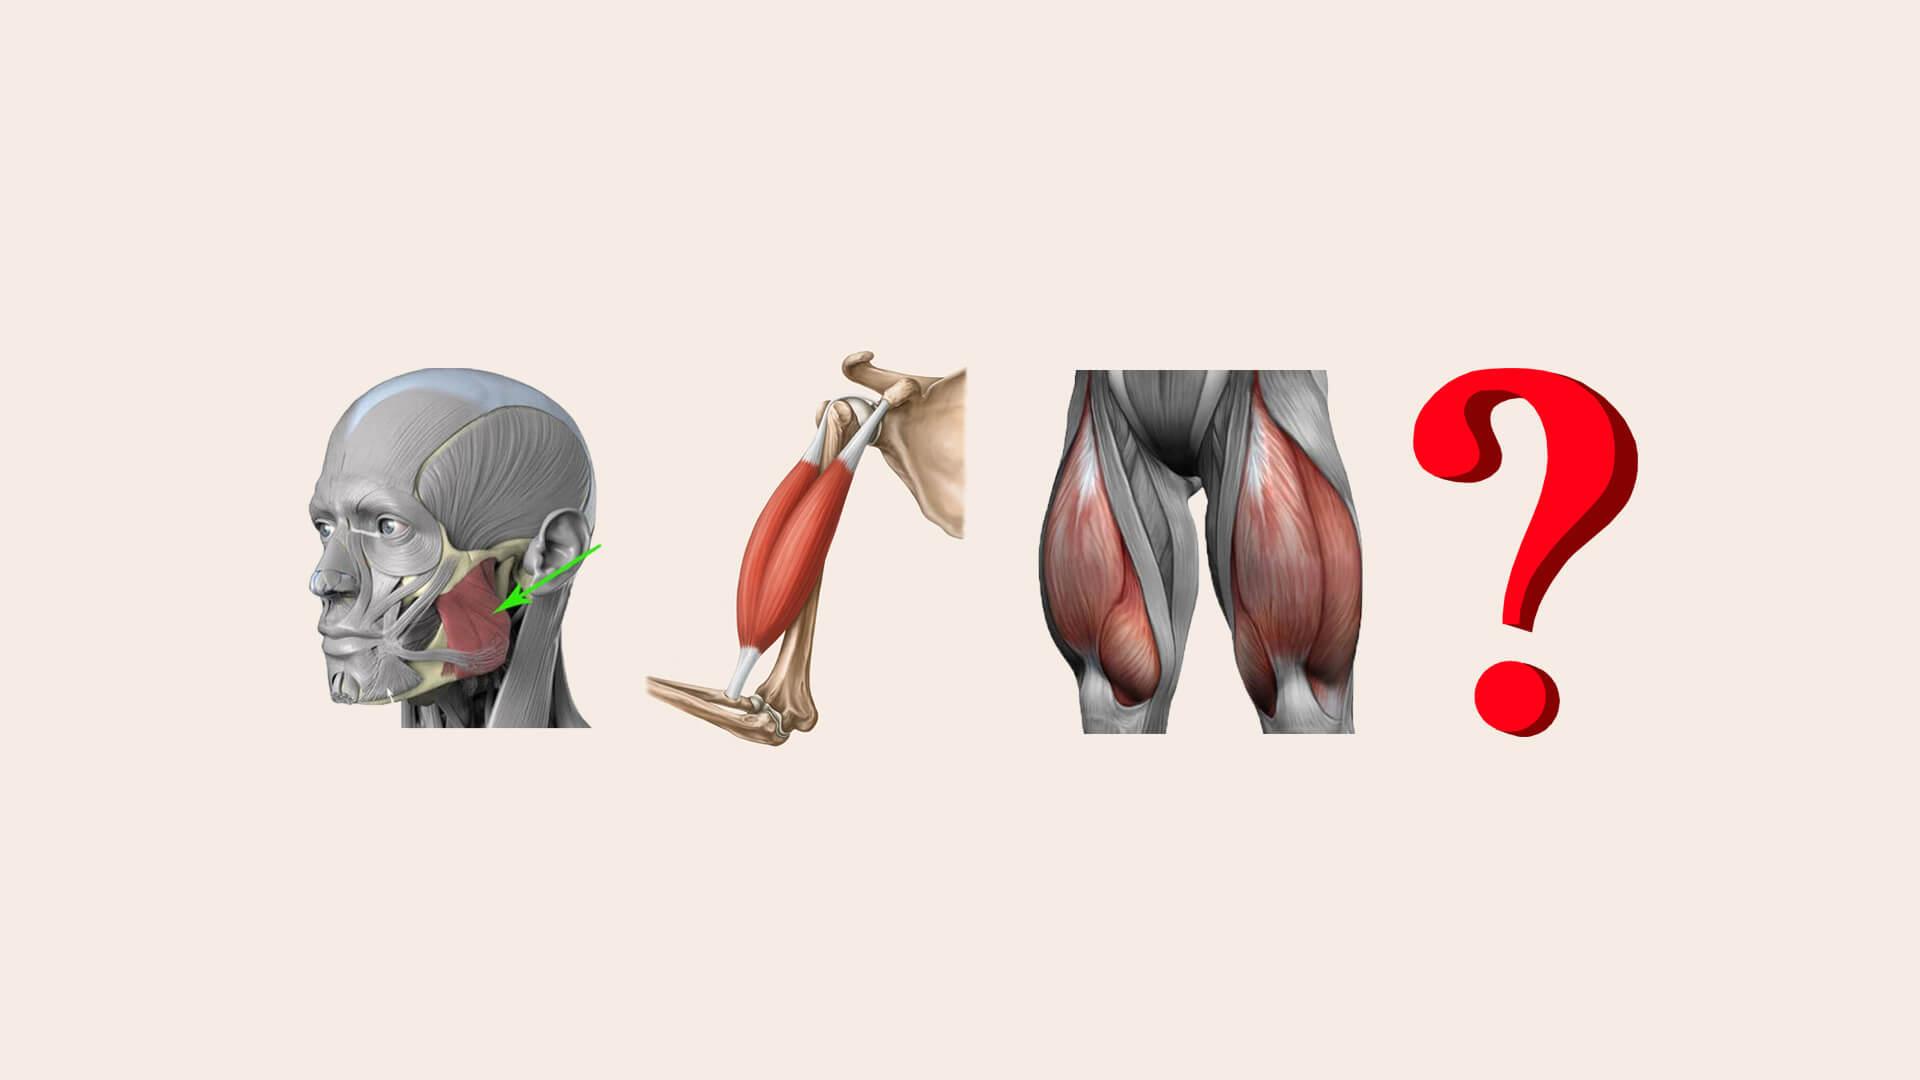 Самая сильная мышца: фото.